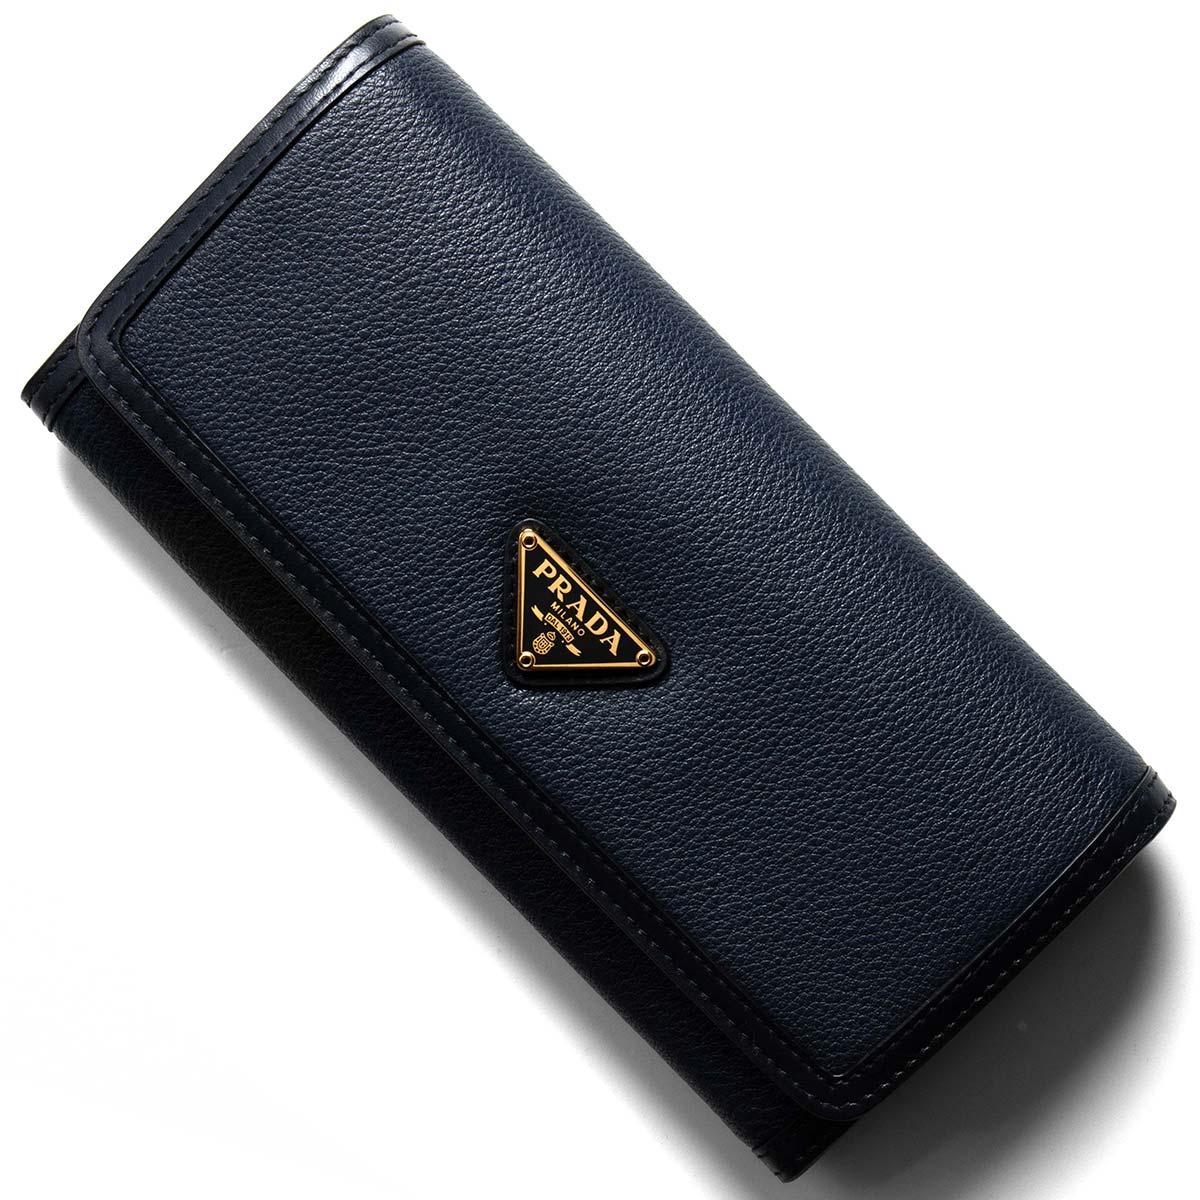 プラダ 長財布 財布 レディース ヴィッテロ フェニックス 三角ロゴプレート バルティコブルー 1MH132 2B16 F0216 PRADA